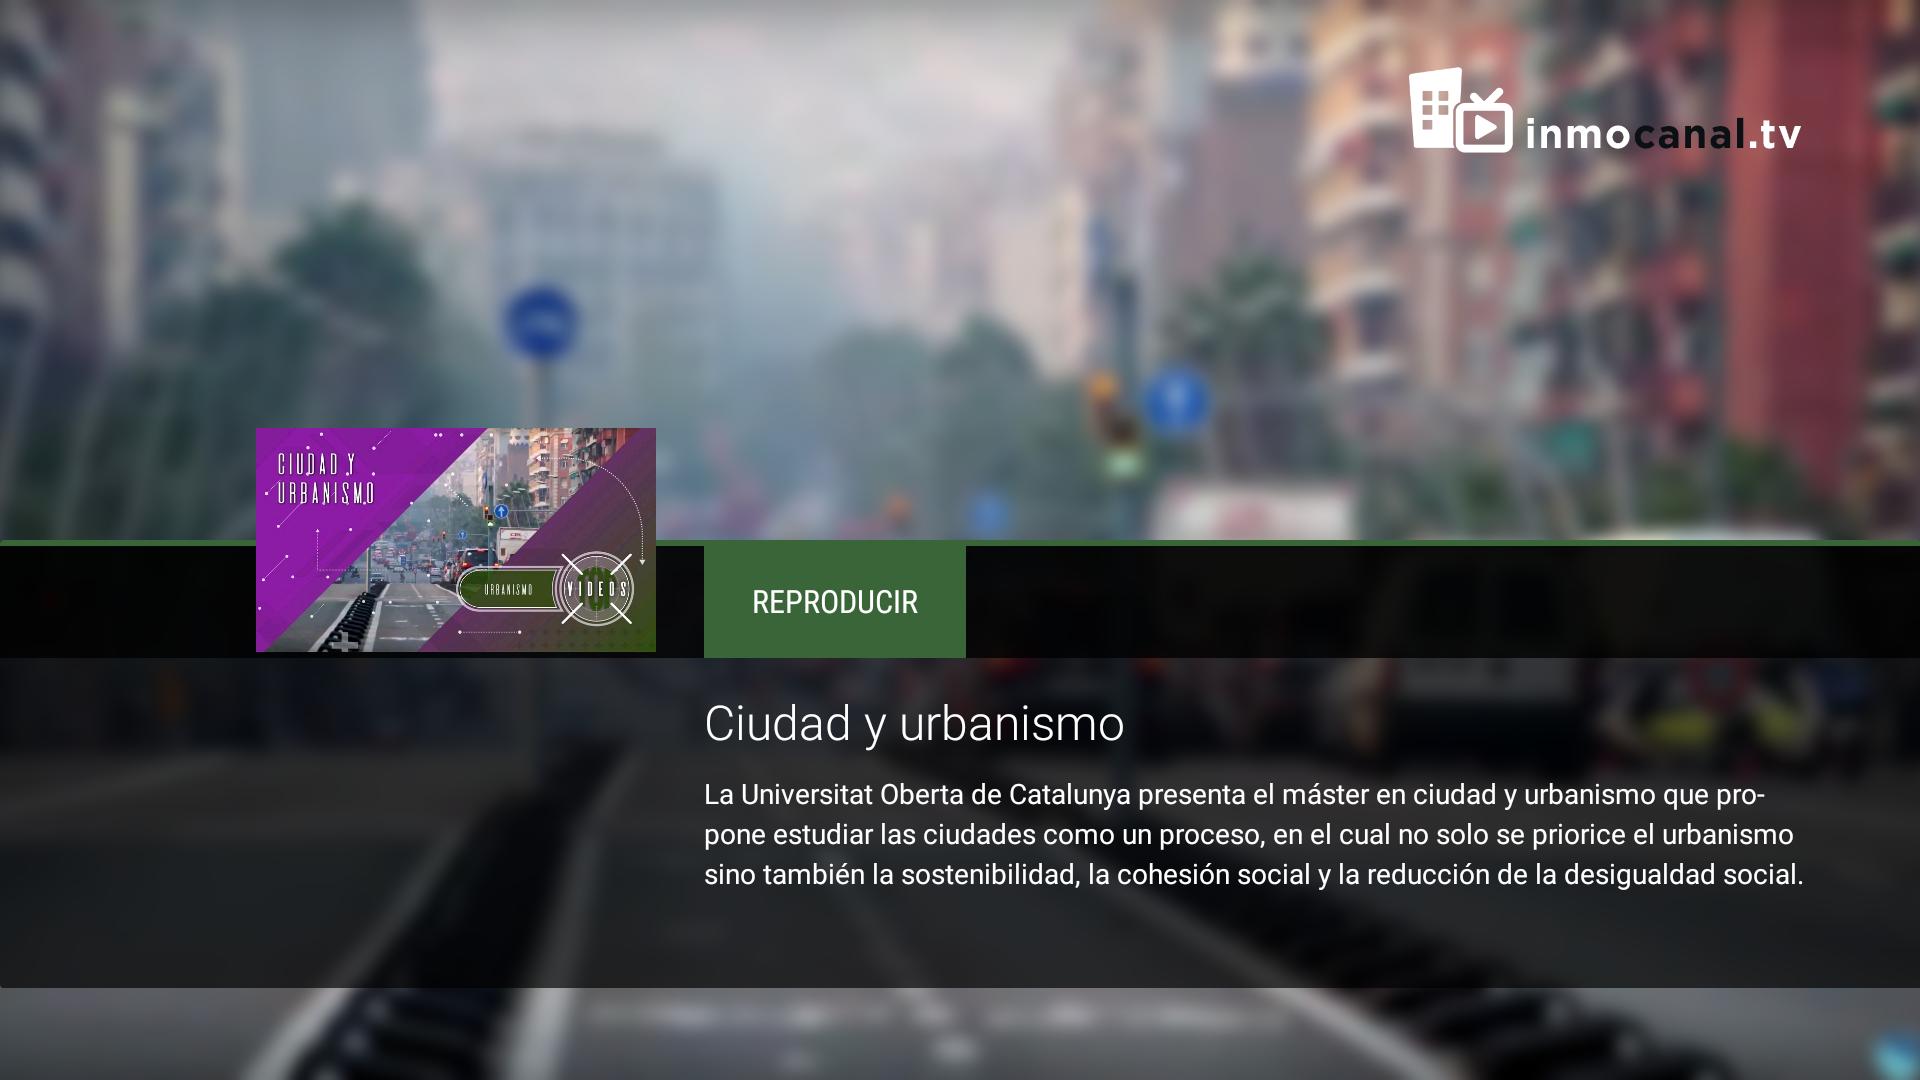 Inmocanal TV: Amazon.es: Appstore para Android